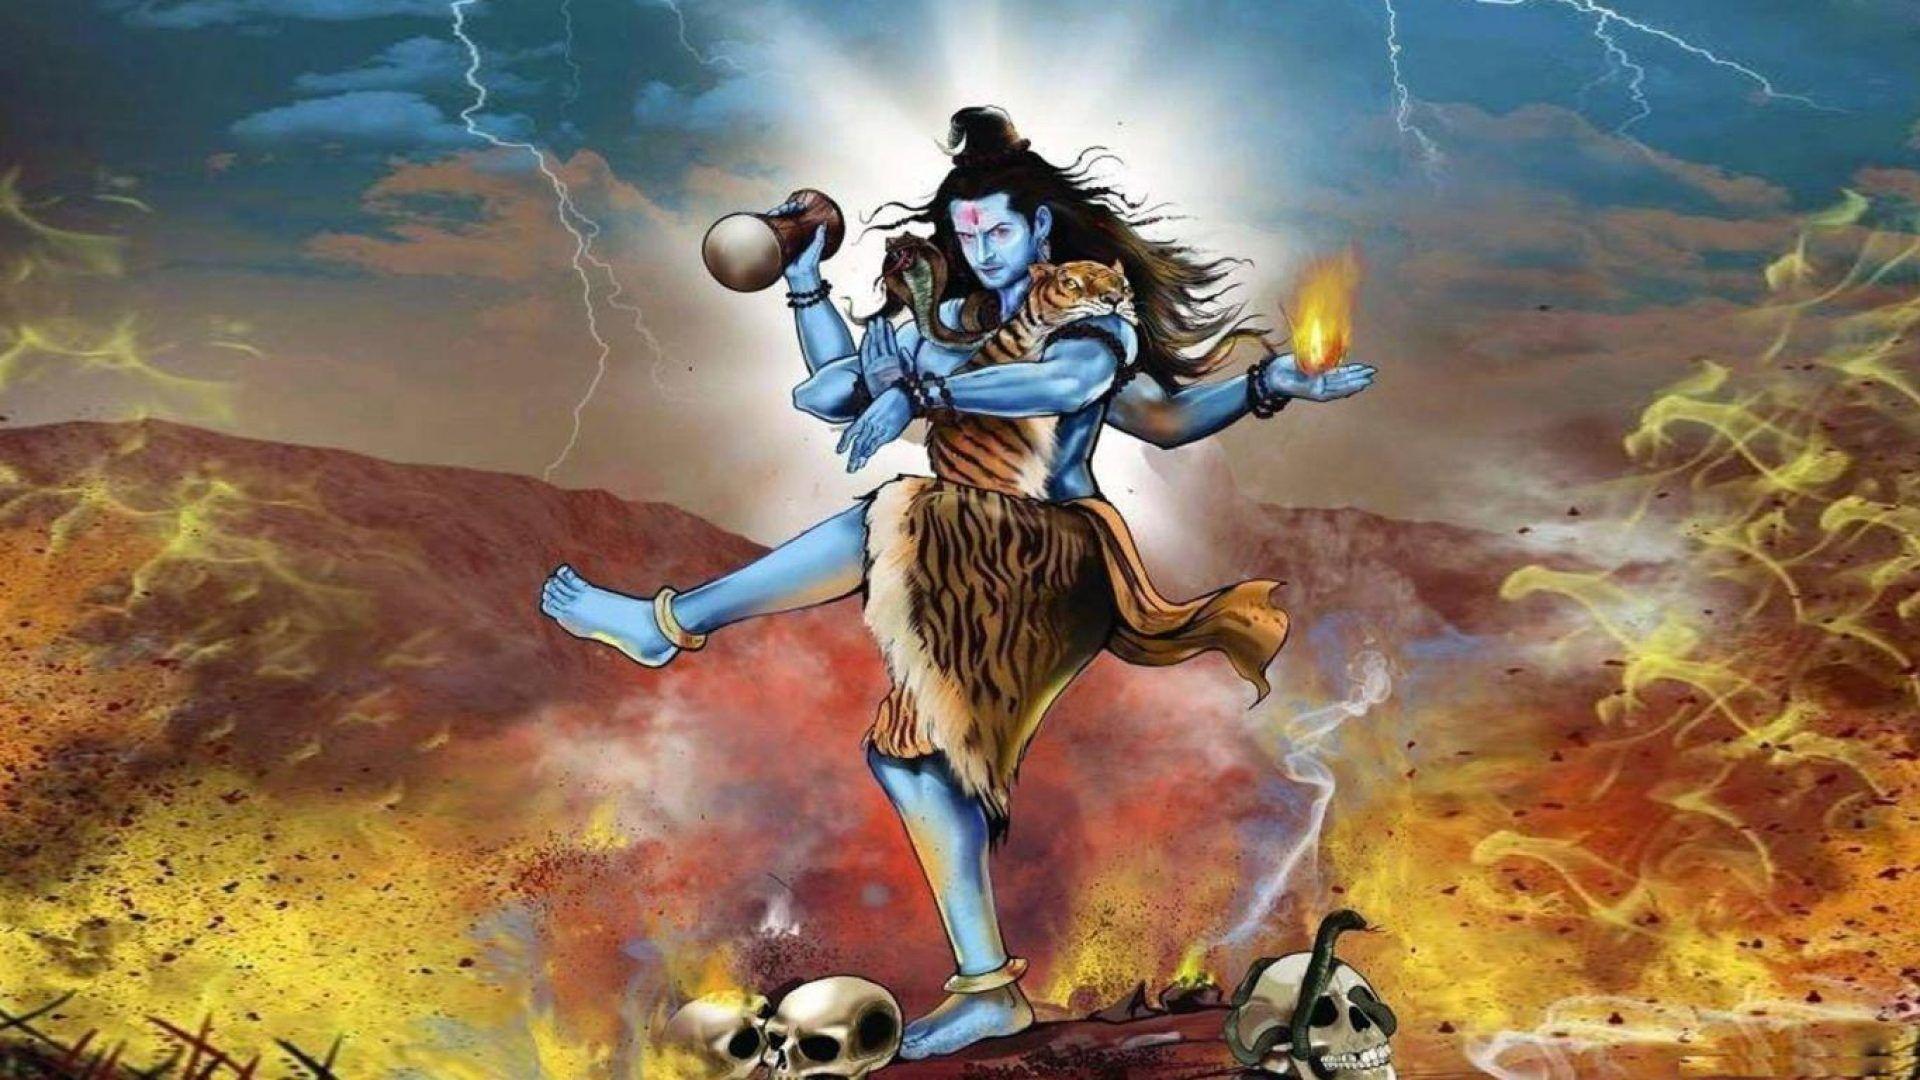 1920x1080 Hình ảnh nổi giận của Chúa Shiva.  Các vị thần và nữ thần của đạo Hindu